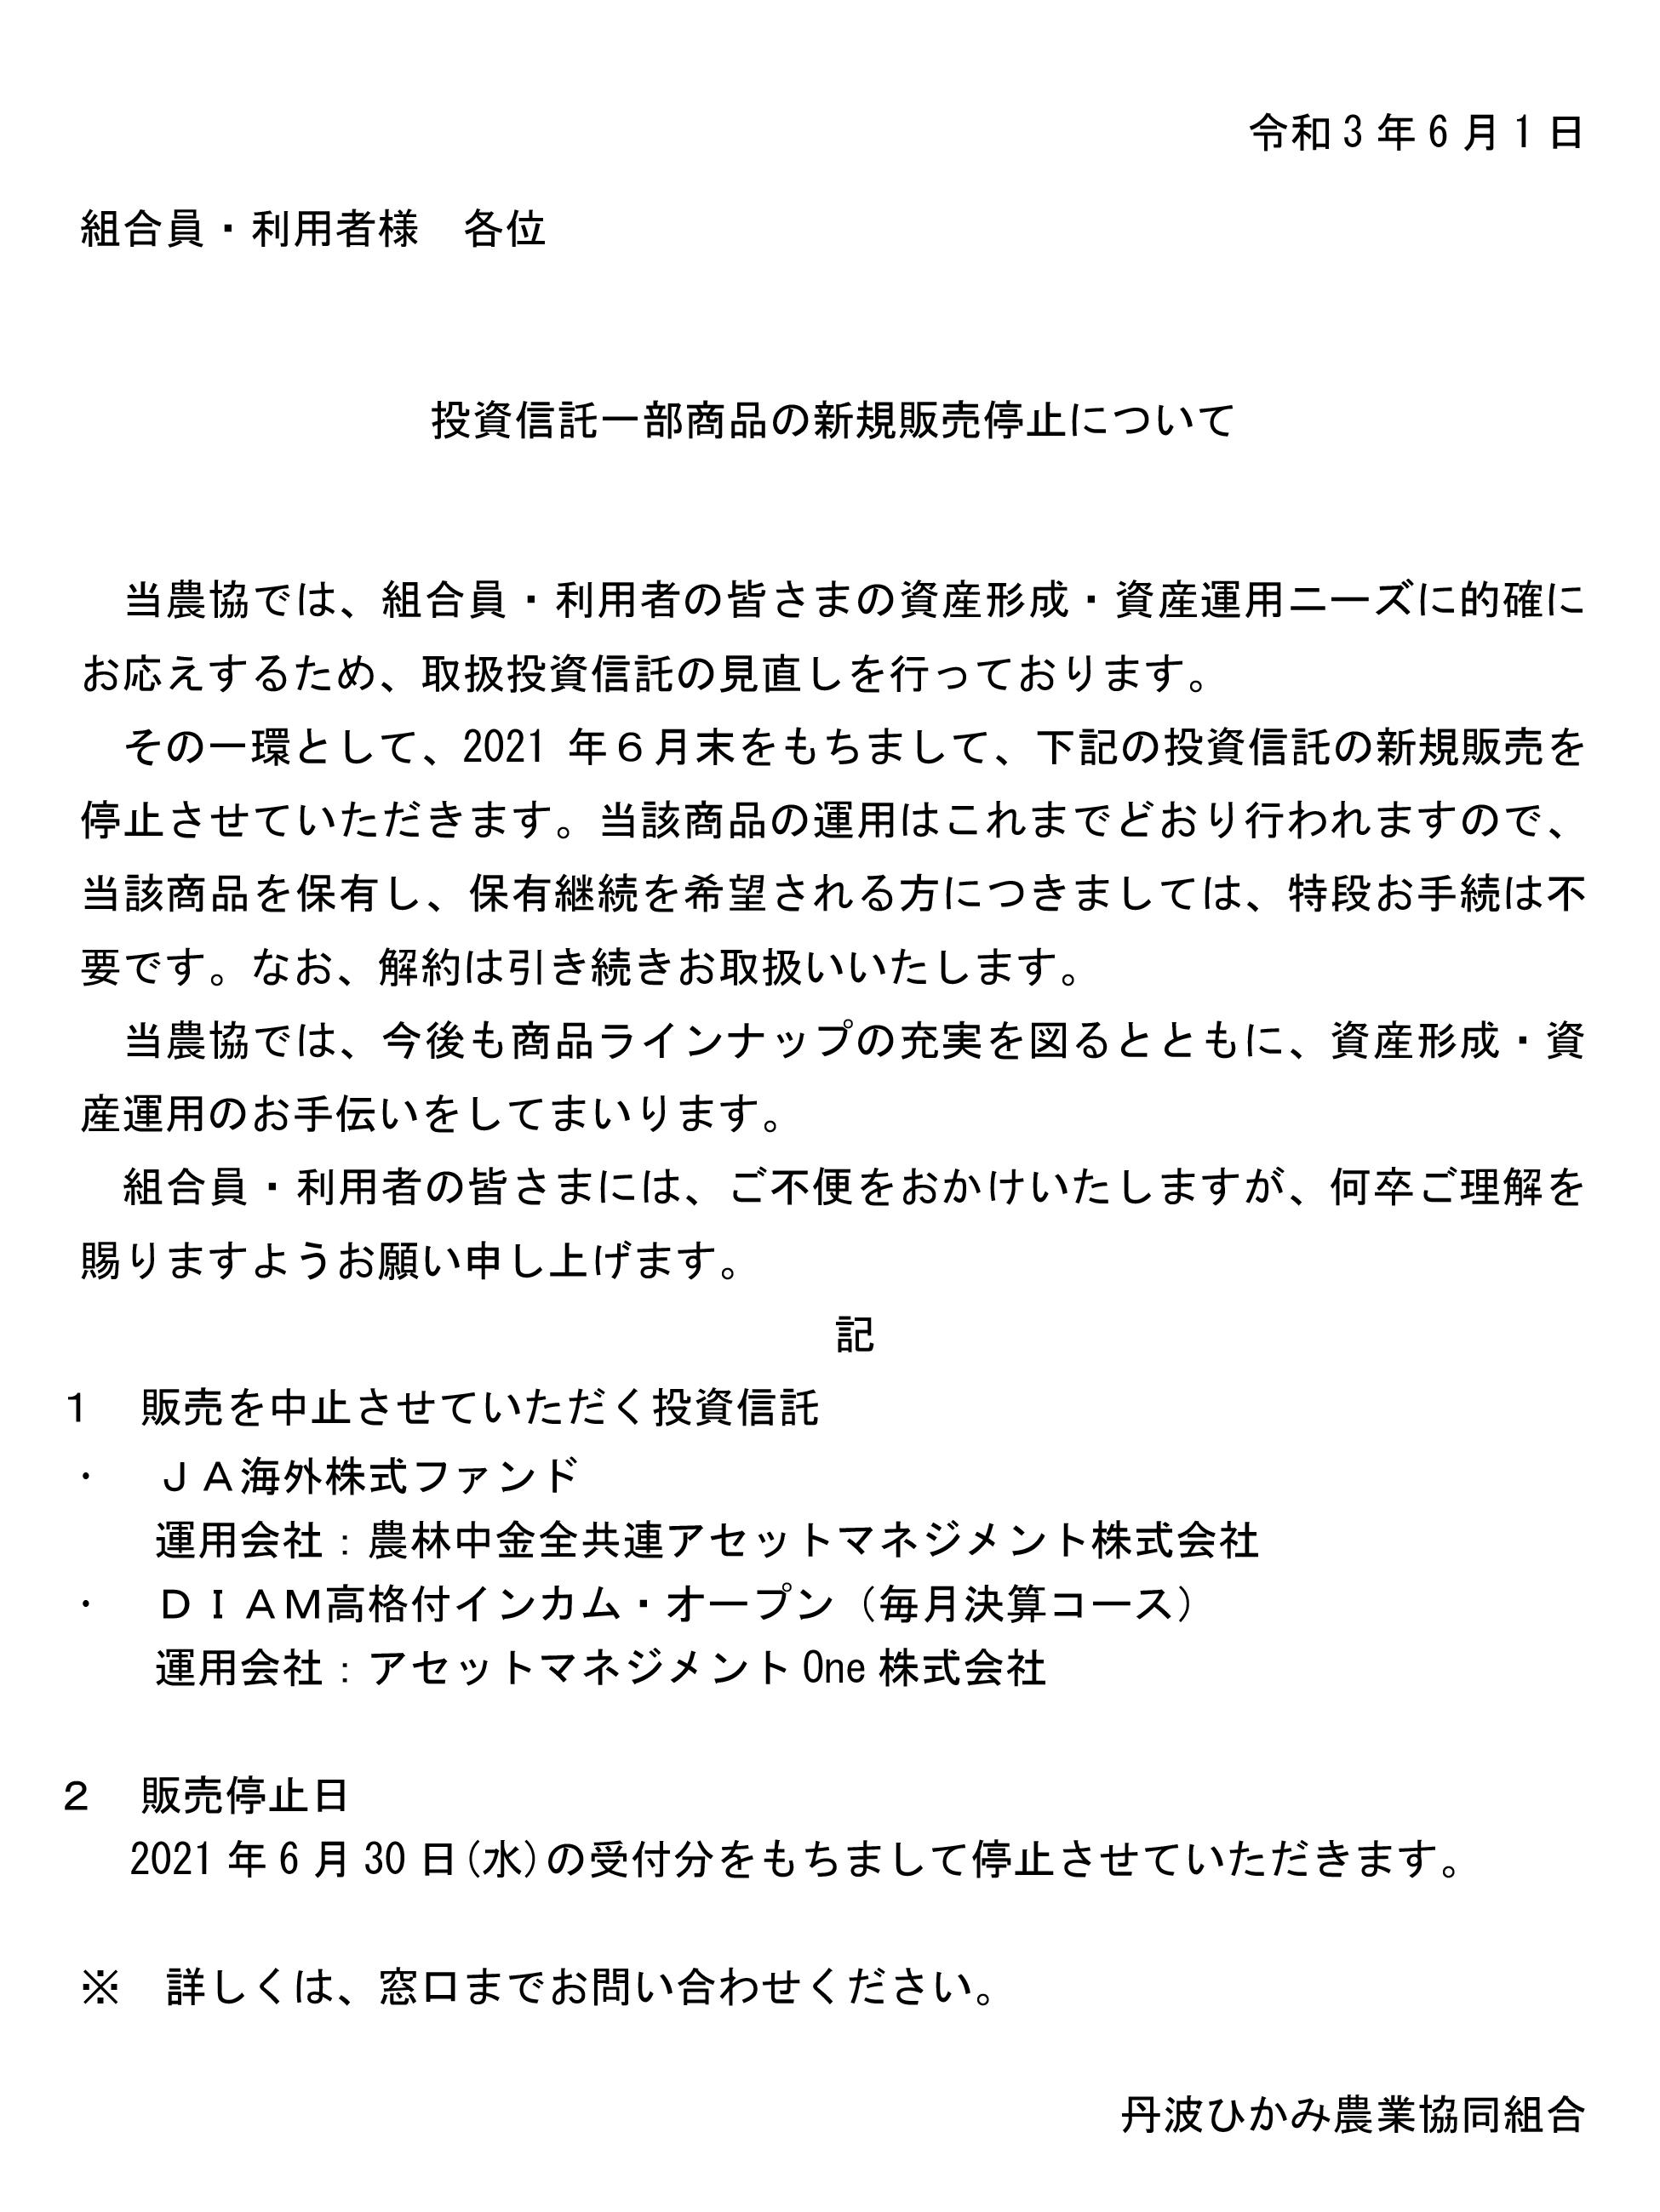 別紙1_店頭掲示、ホームページ掲載文例_顧客あり 丹波ひかみ2